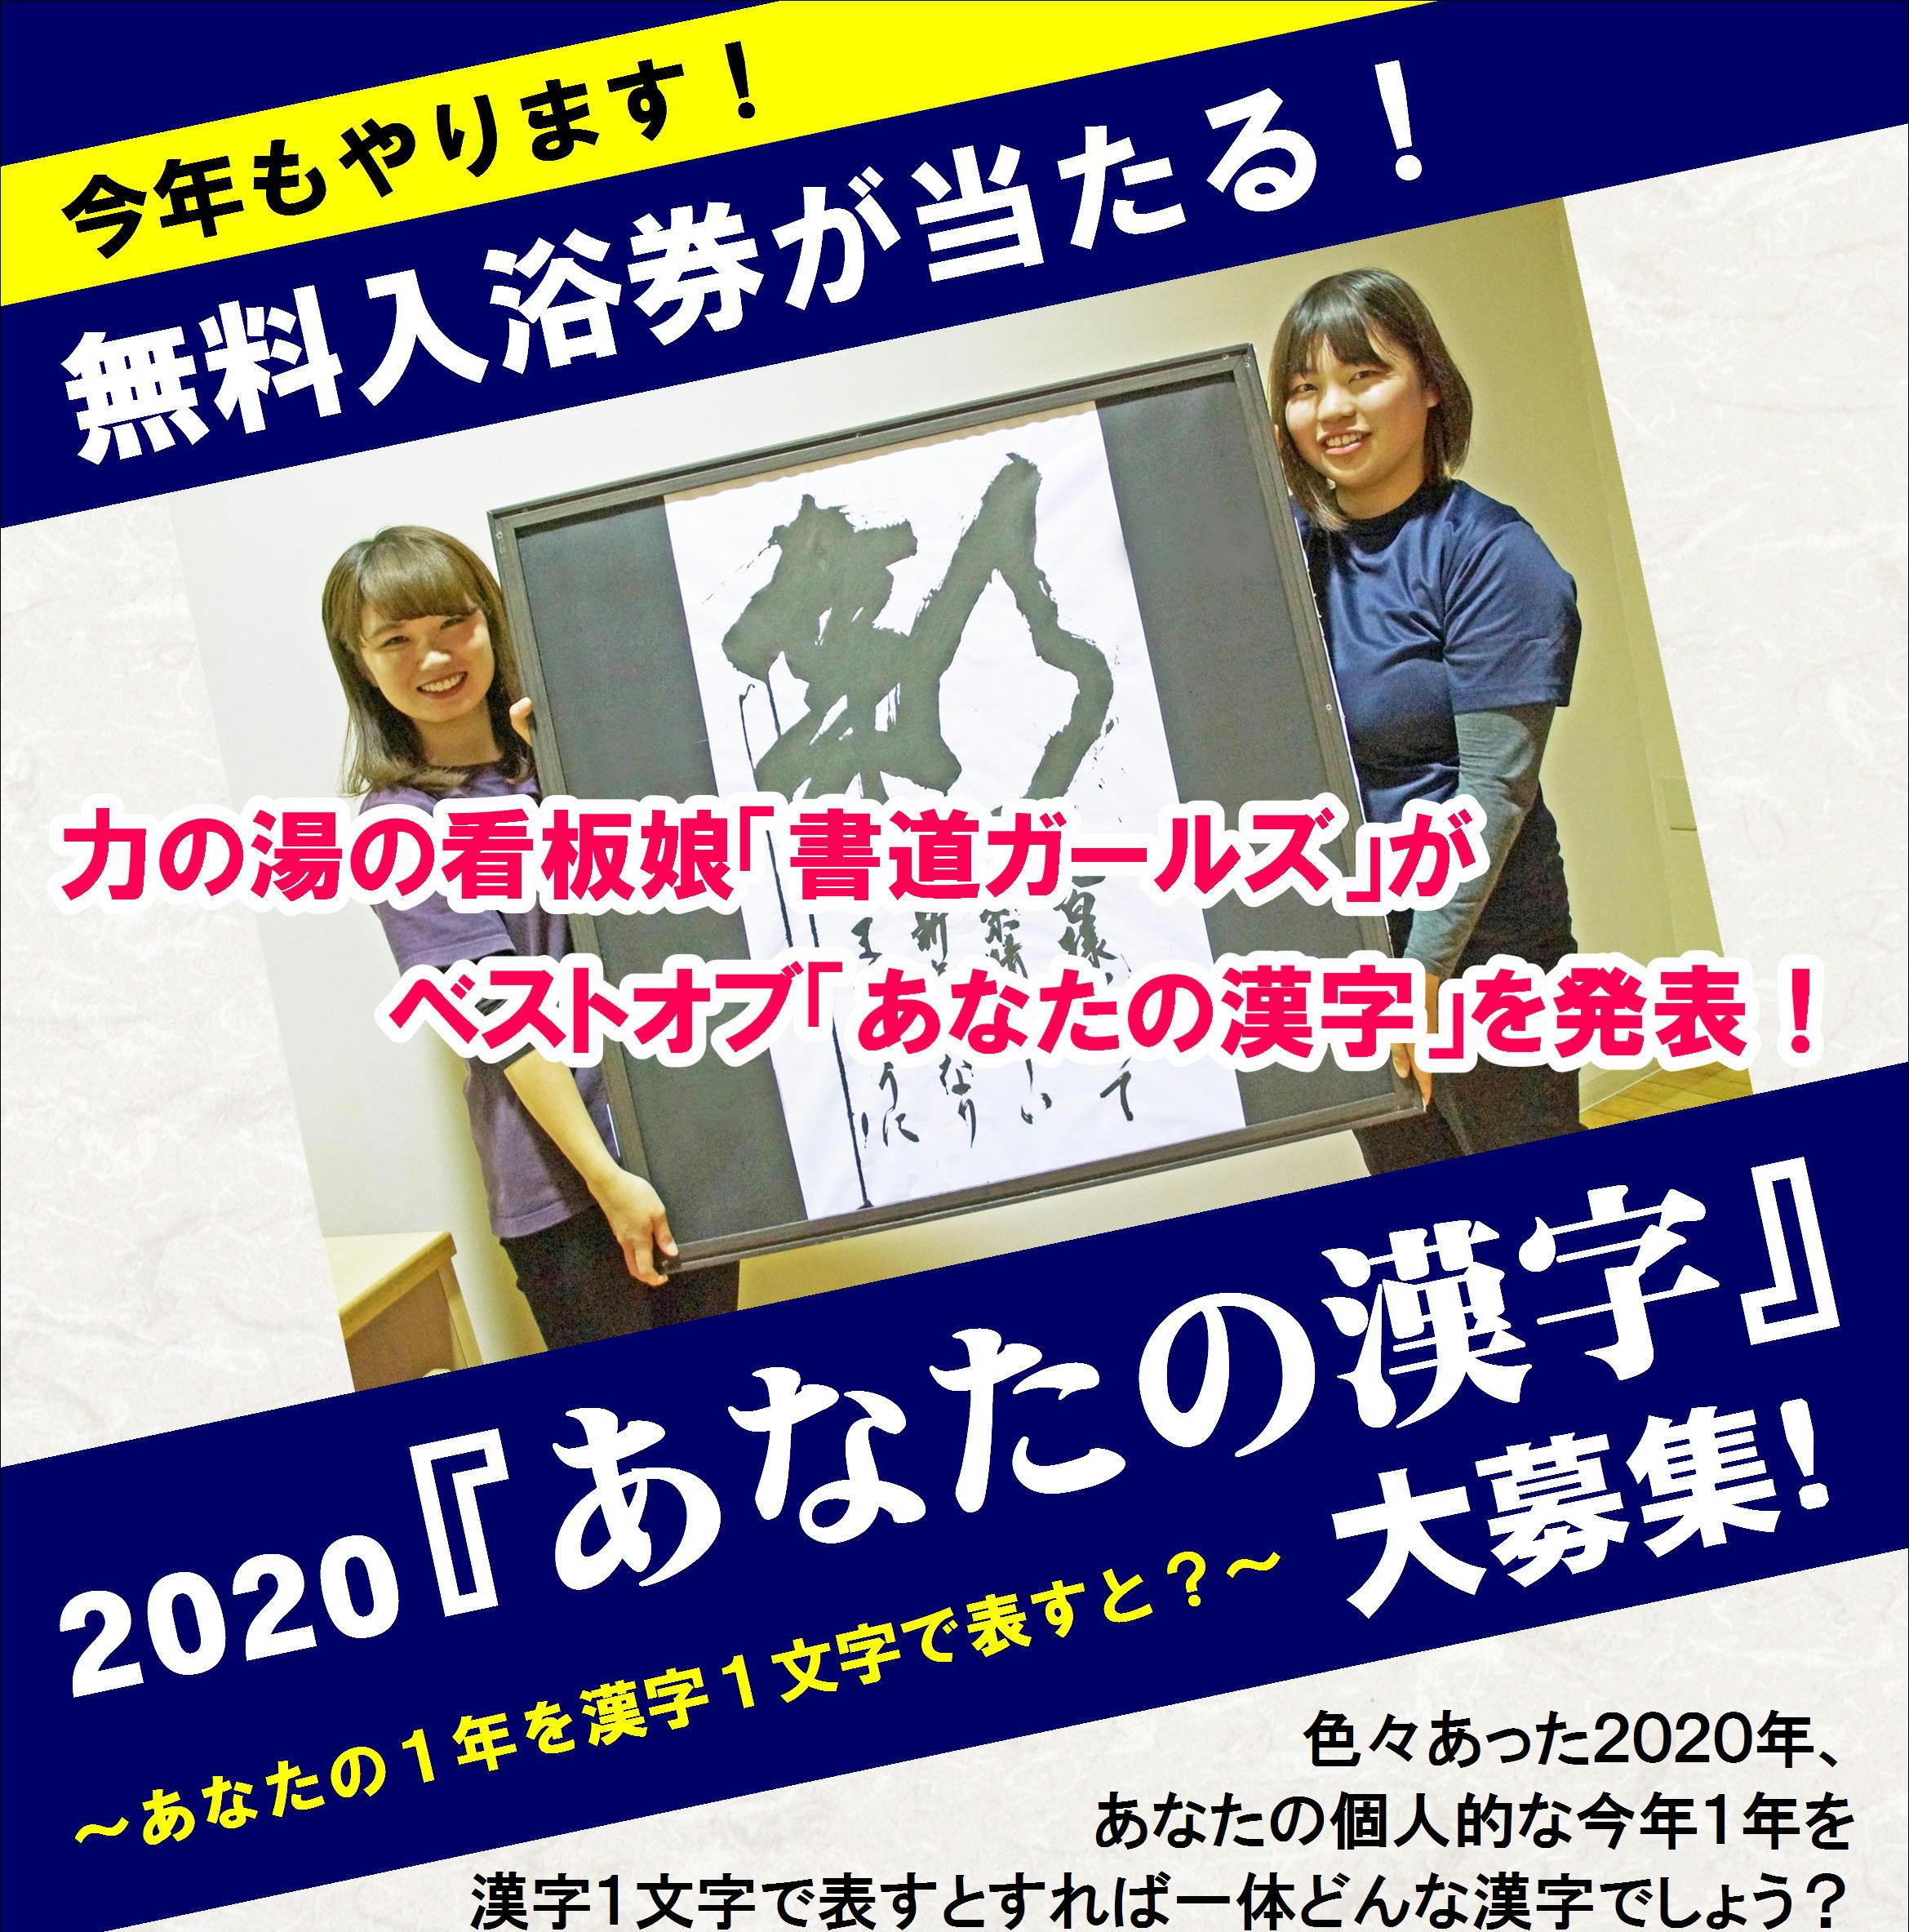 「あなたの漢字」大募集!!